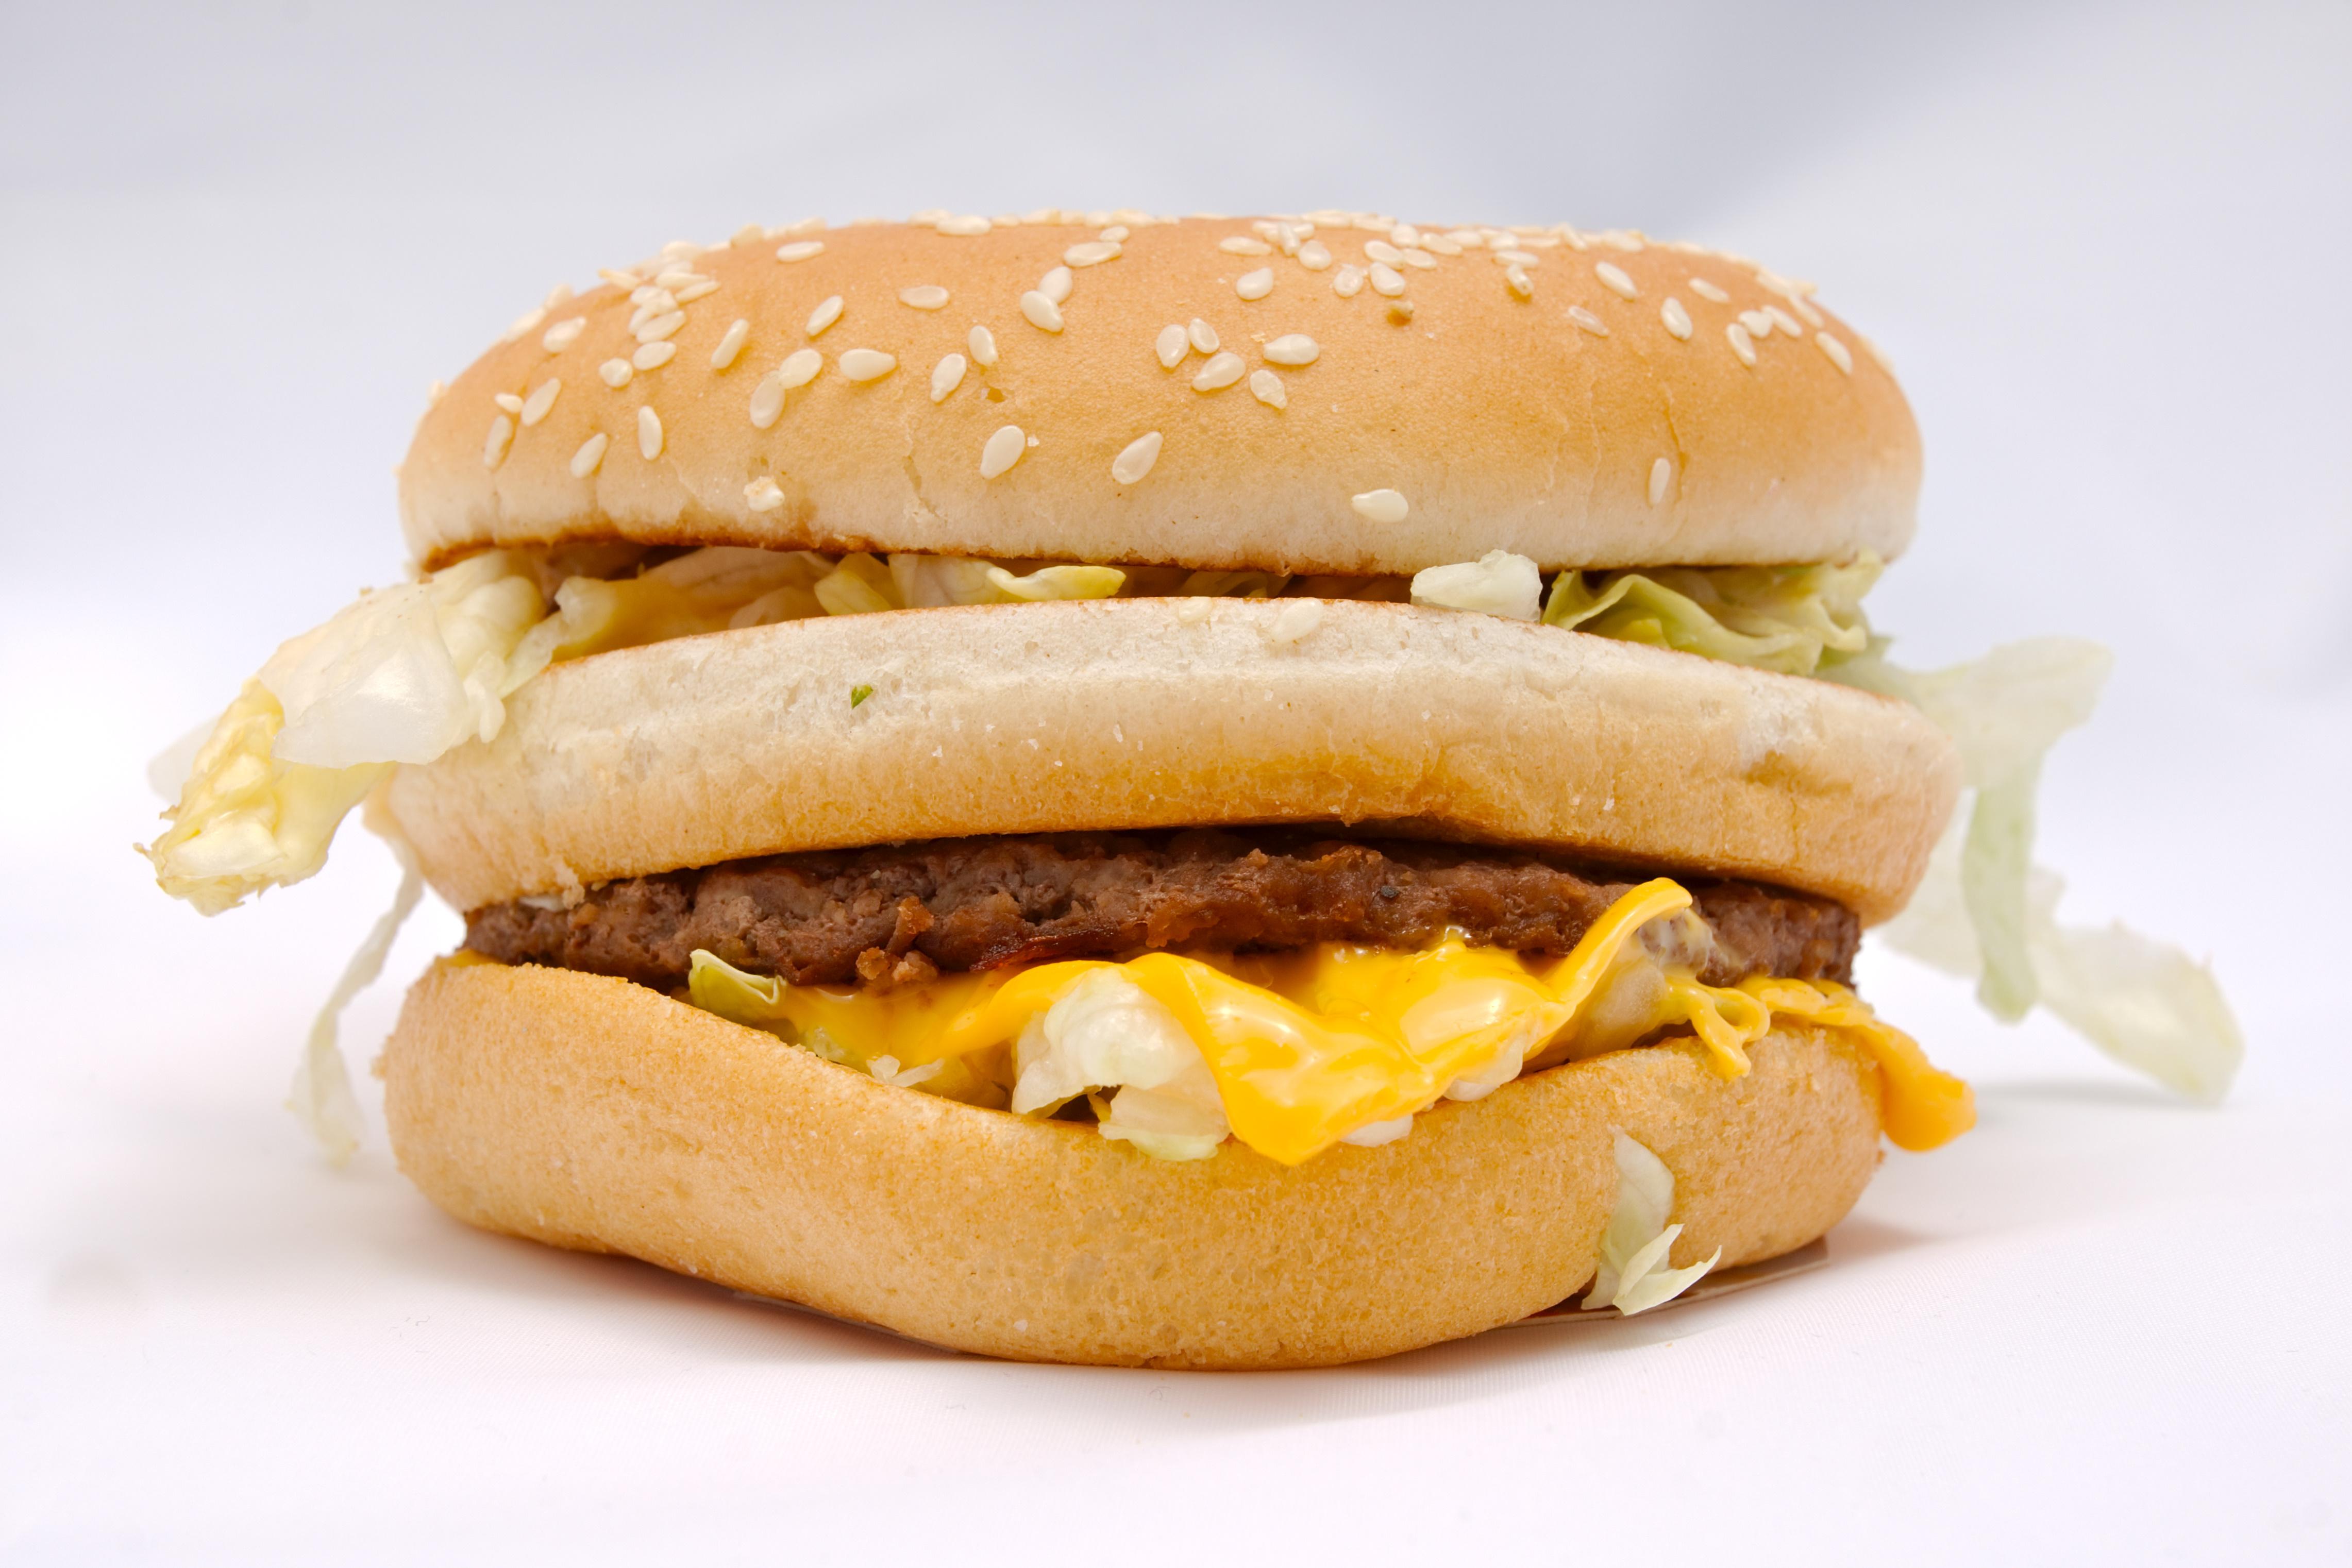 Egy órát mosogatsz egy magyarországi McDonald's-ban. Hány Big Macet tudsz venni a fizetésedből?